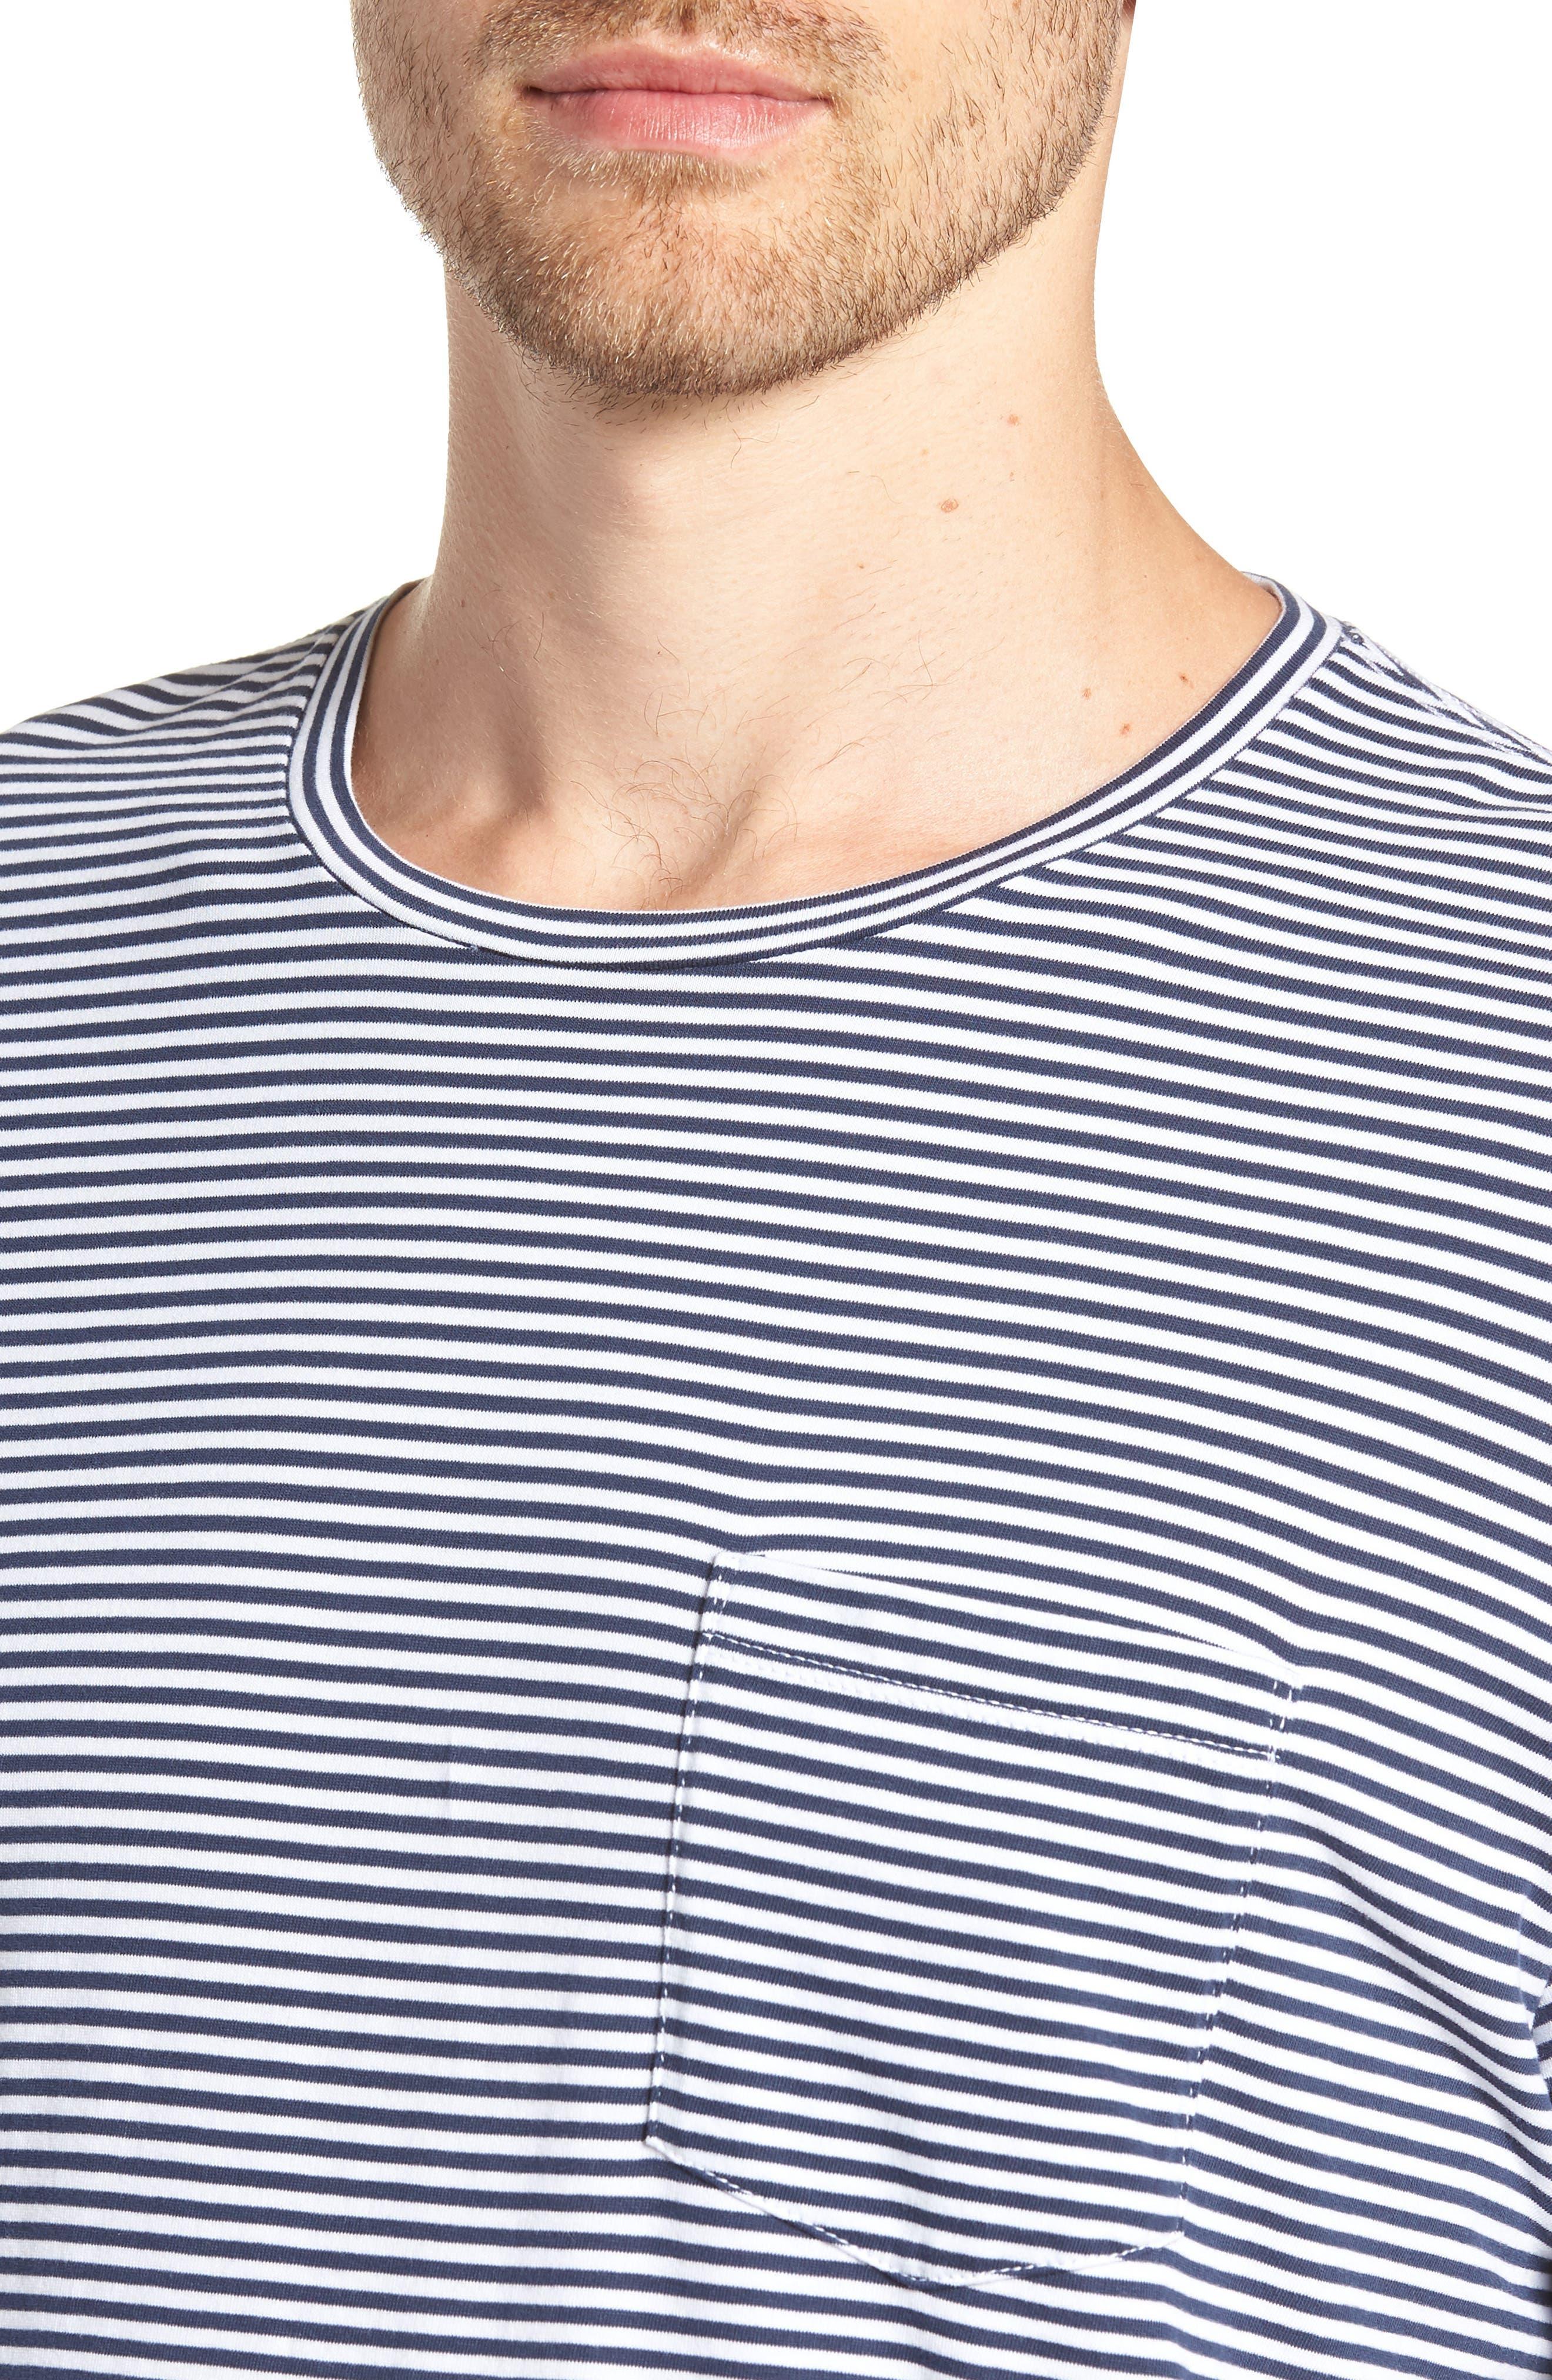 Stripe Brushed Pima Cotton T-Shirt,                             Alternate thumbnail 4, color,                             Navy Iris Mini Stripe